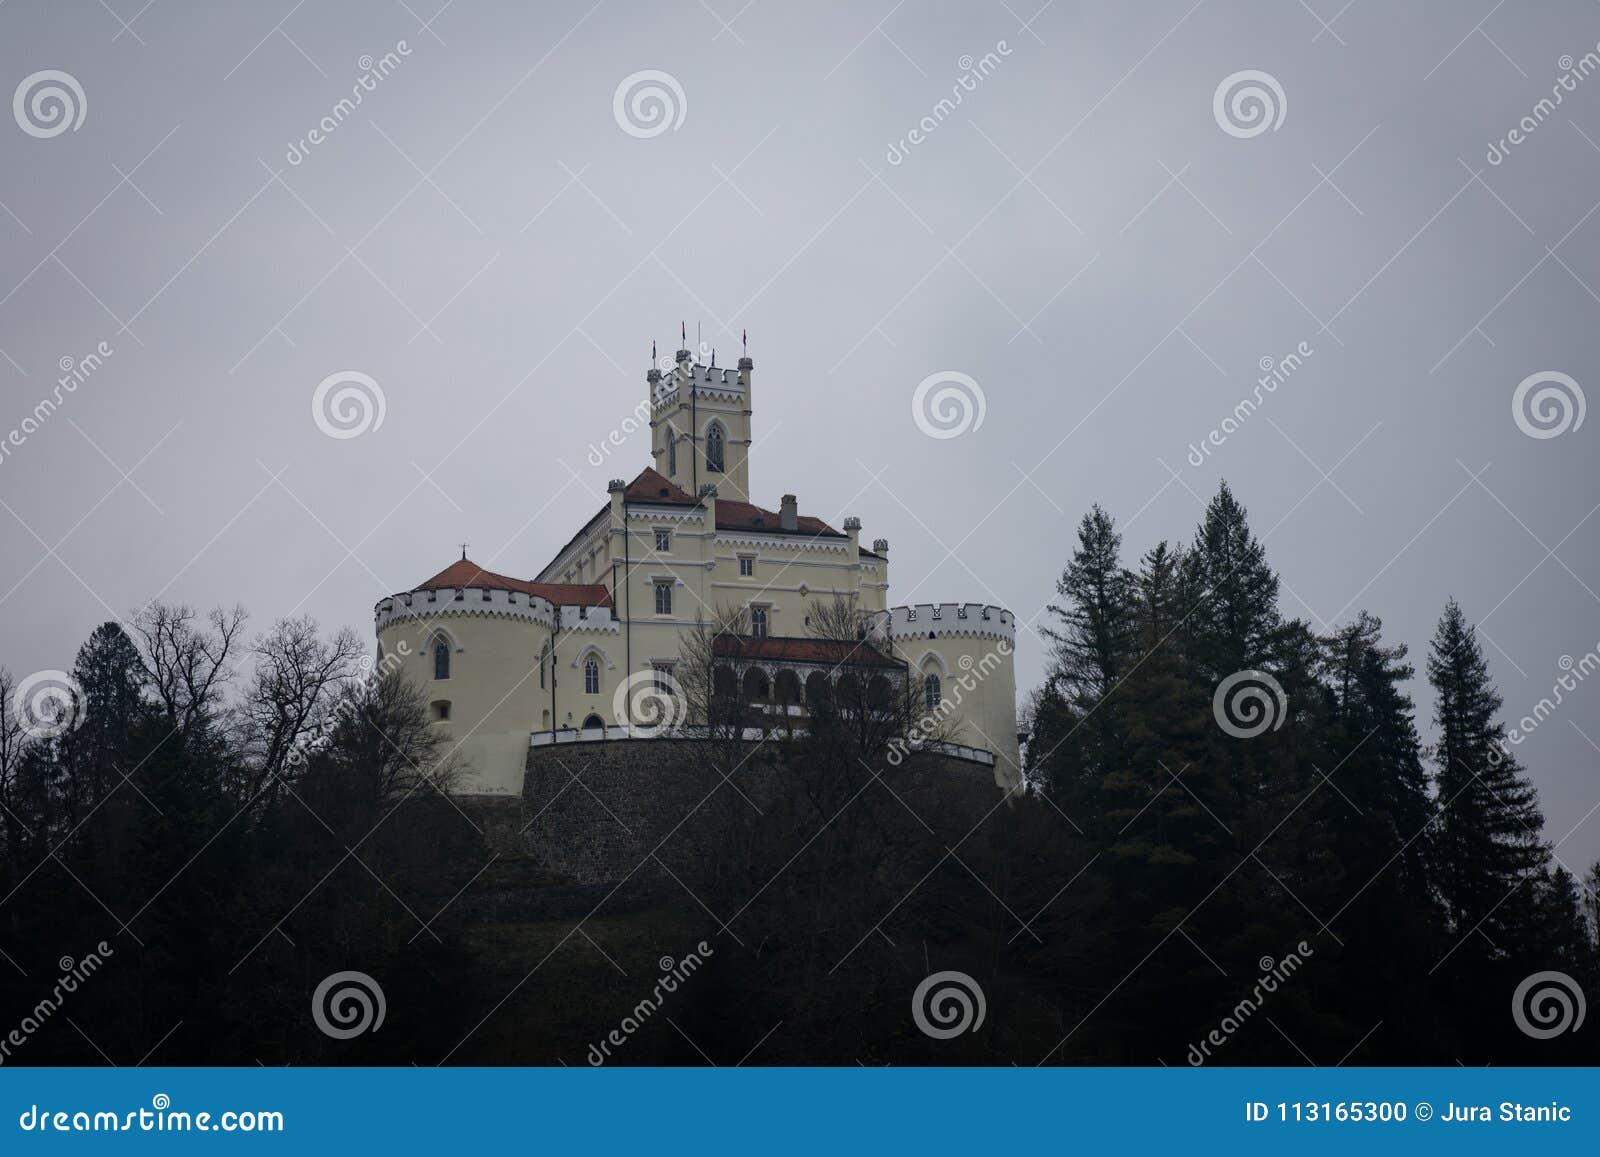 Trakoščan Castle